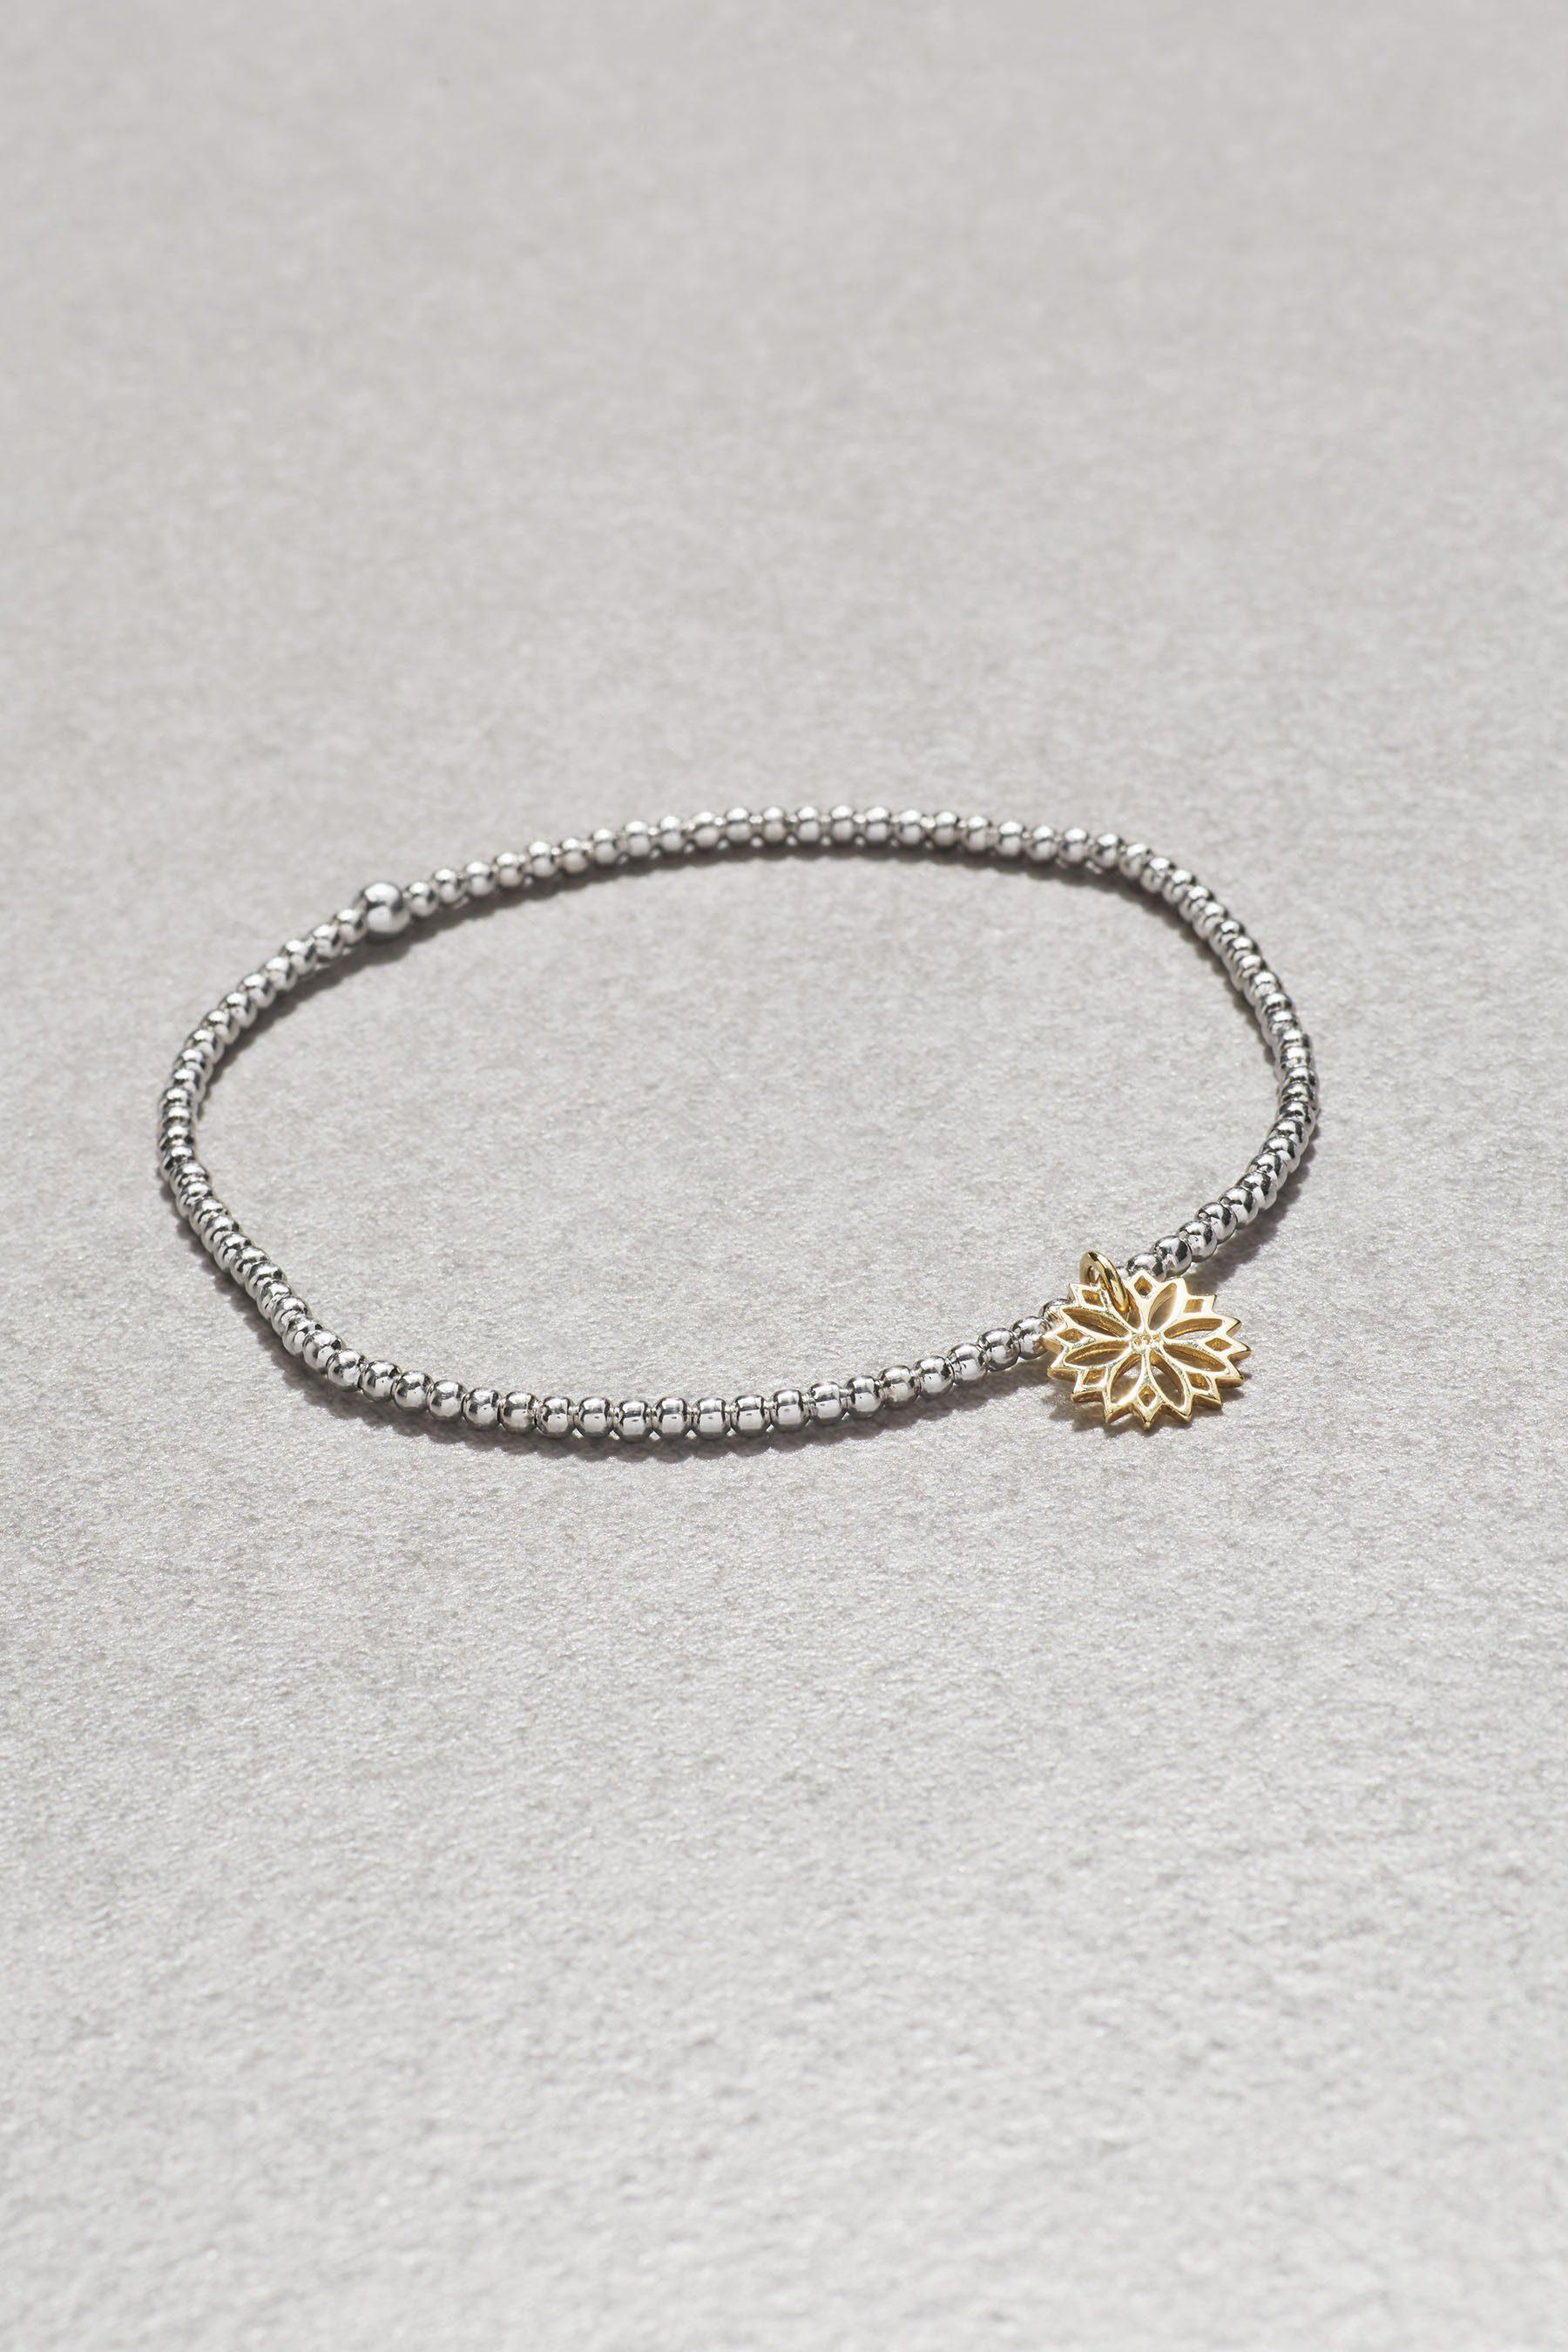 Next Armband mit Blumen-Charm und Perlendetails